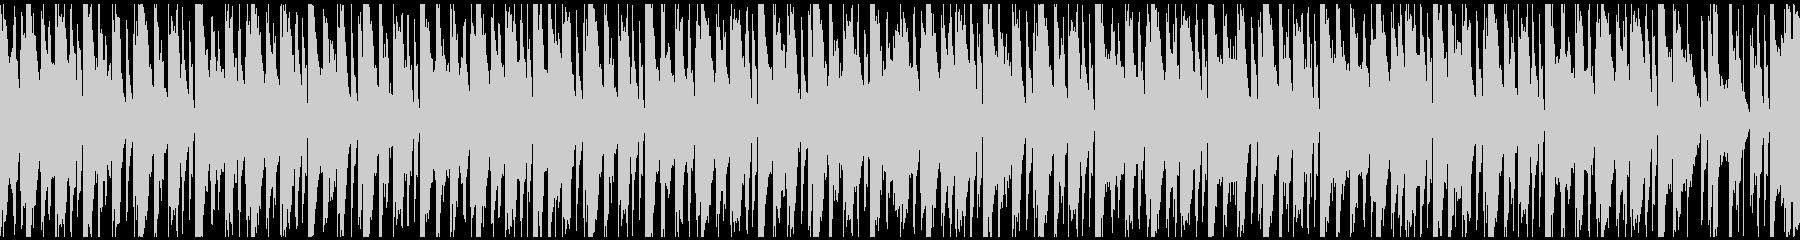 [ループ]ダンスミュージック1 30秒の未再生の波形